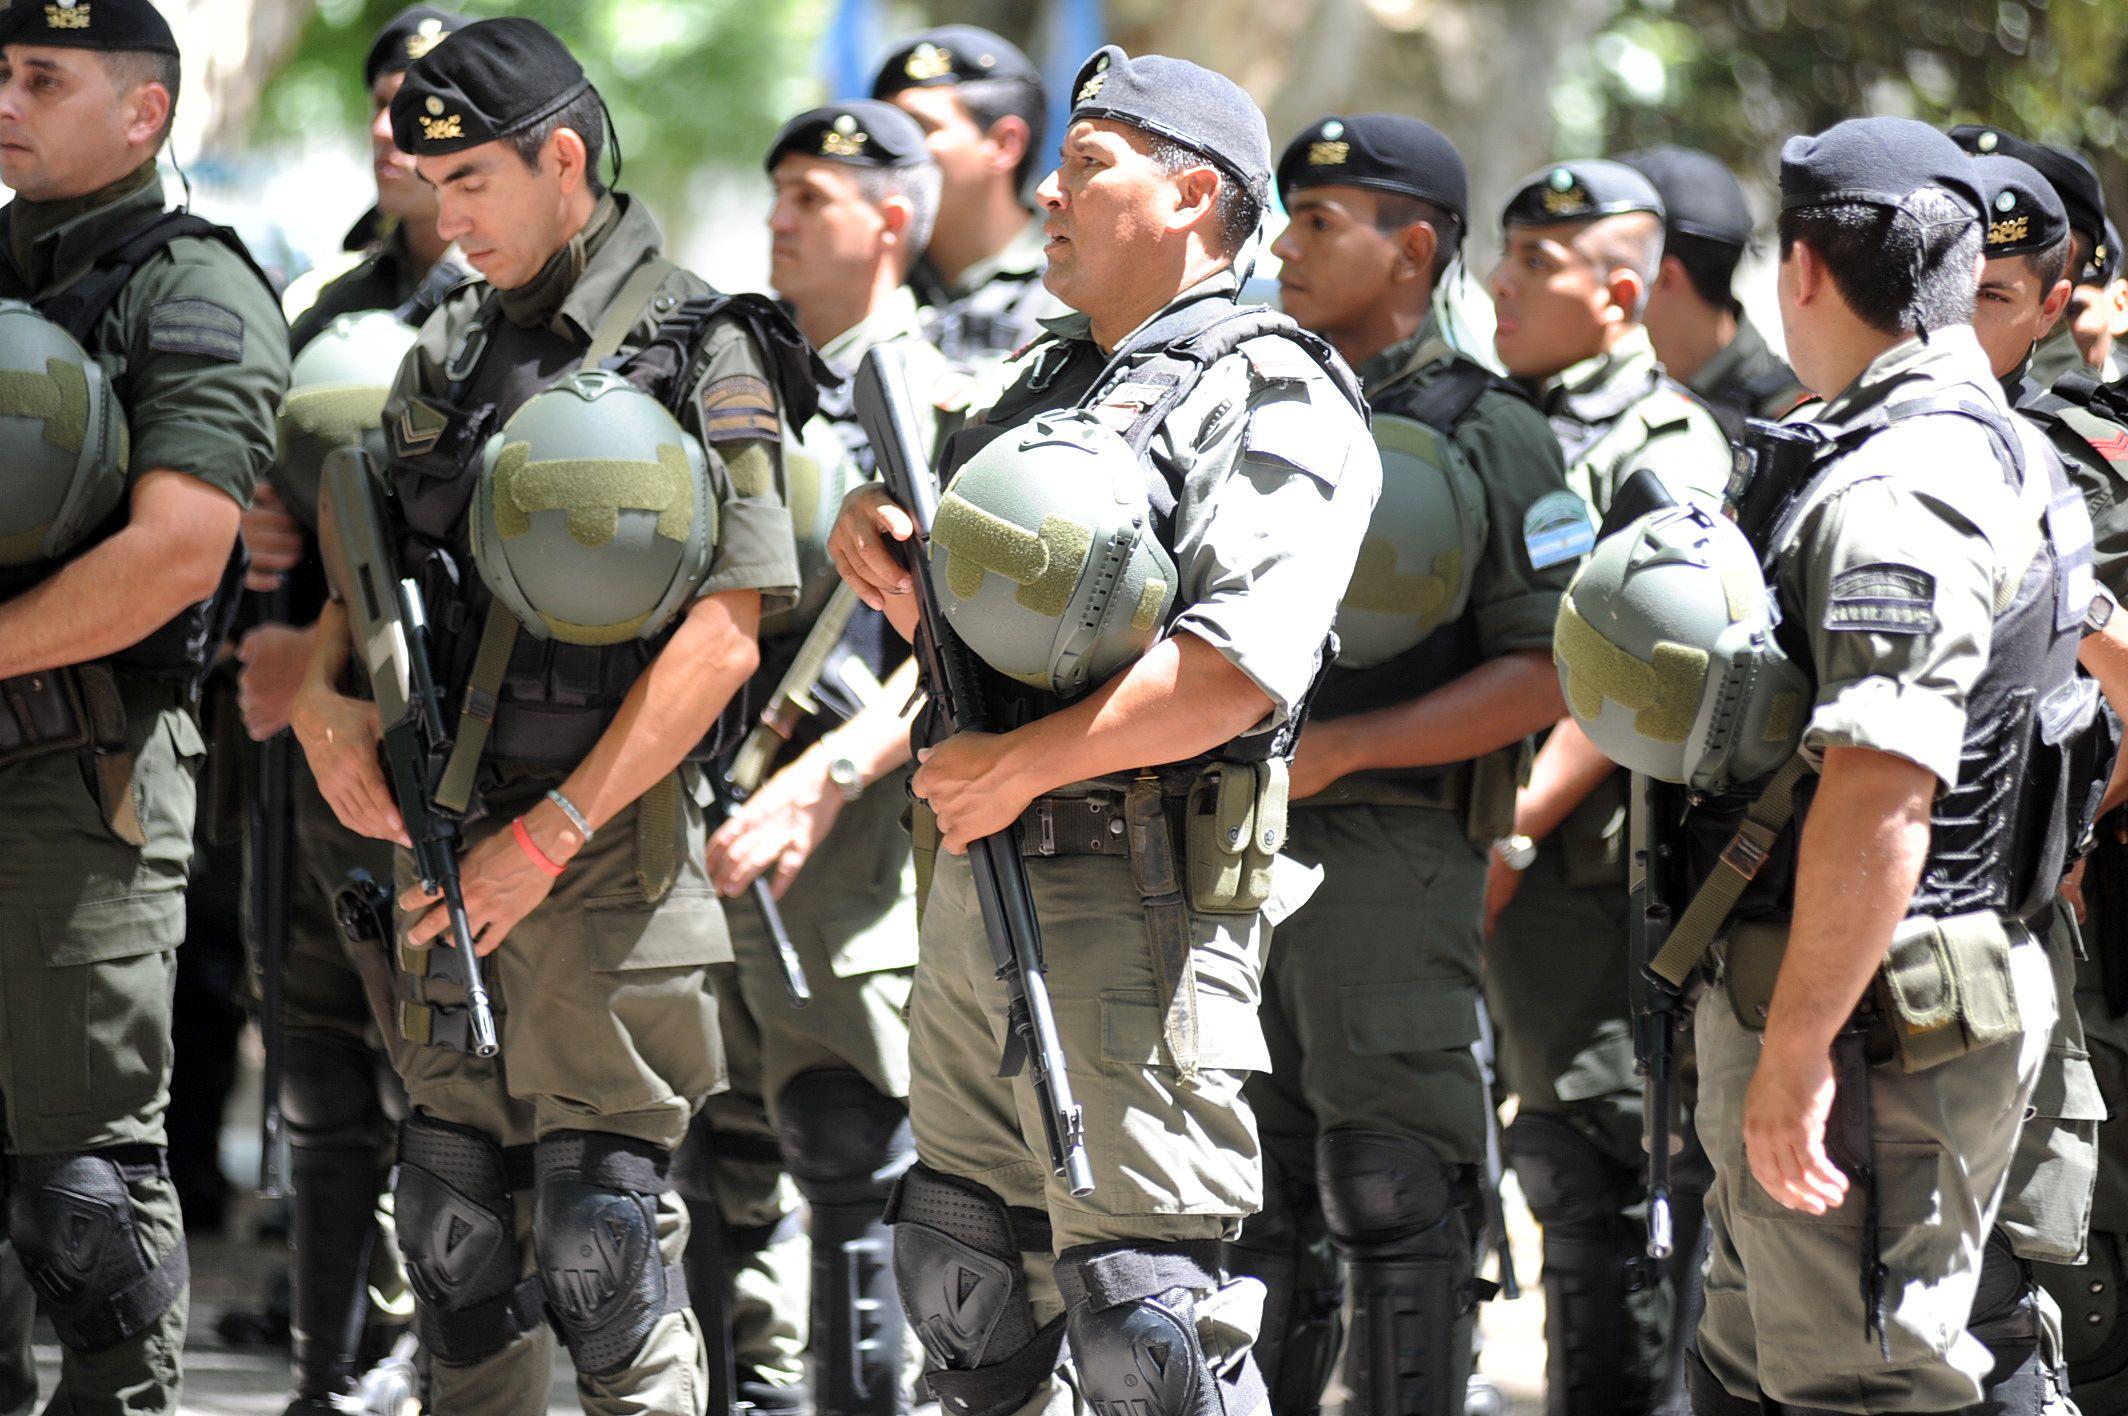 El precandidato a gobernador Miguel Lifschitz dijo que se ha hecho un mito con la Gendarmería en Rosario.